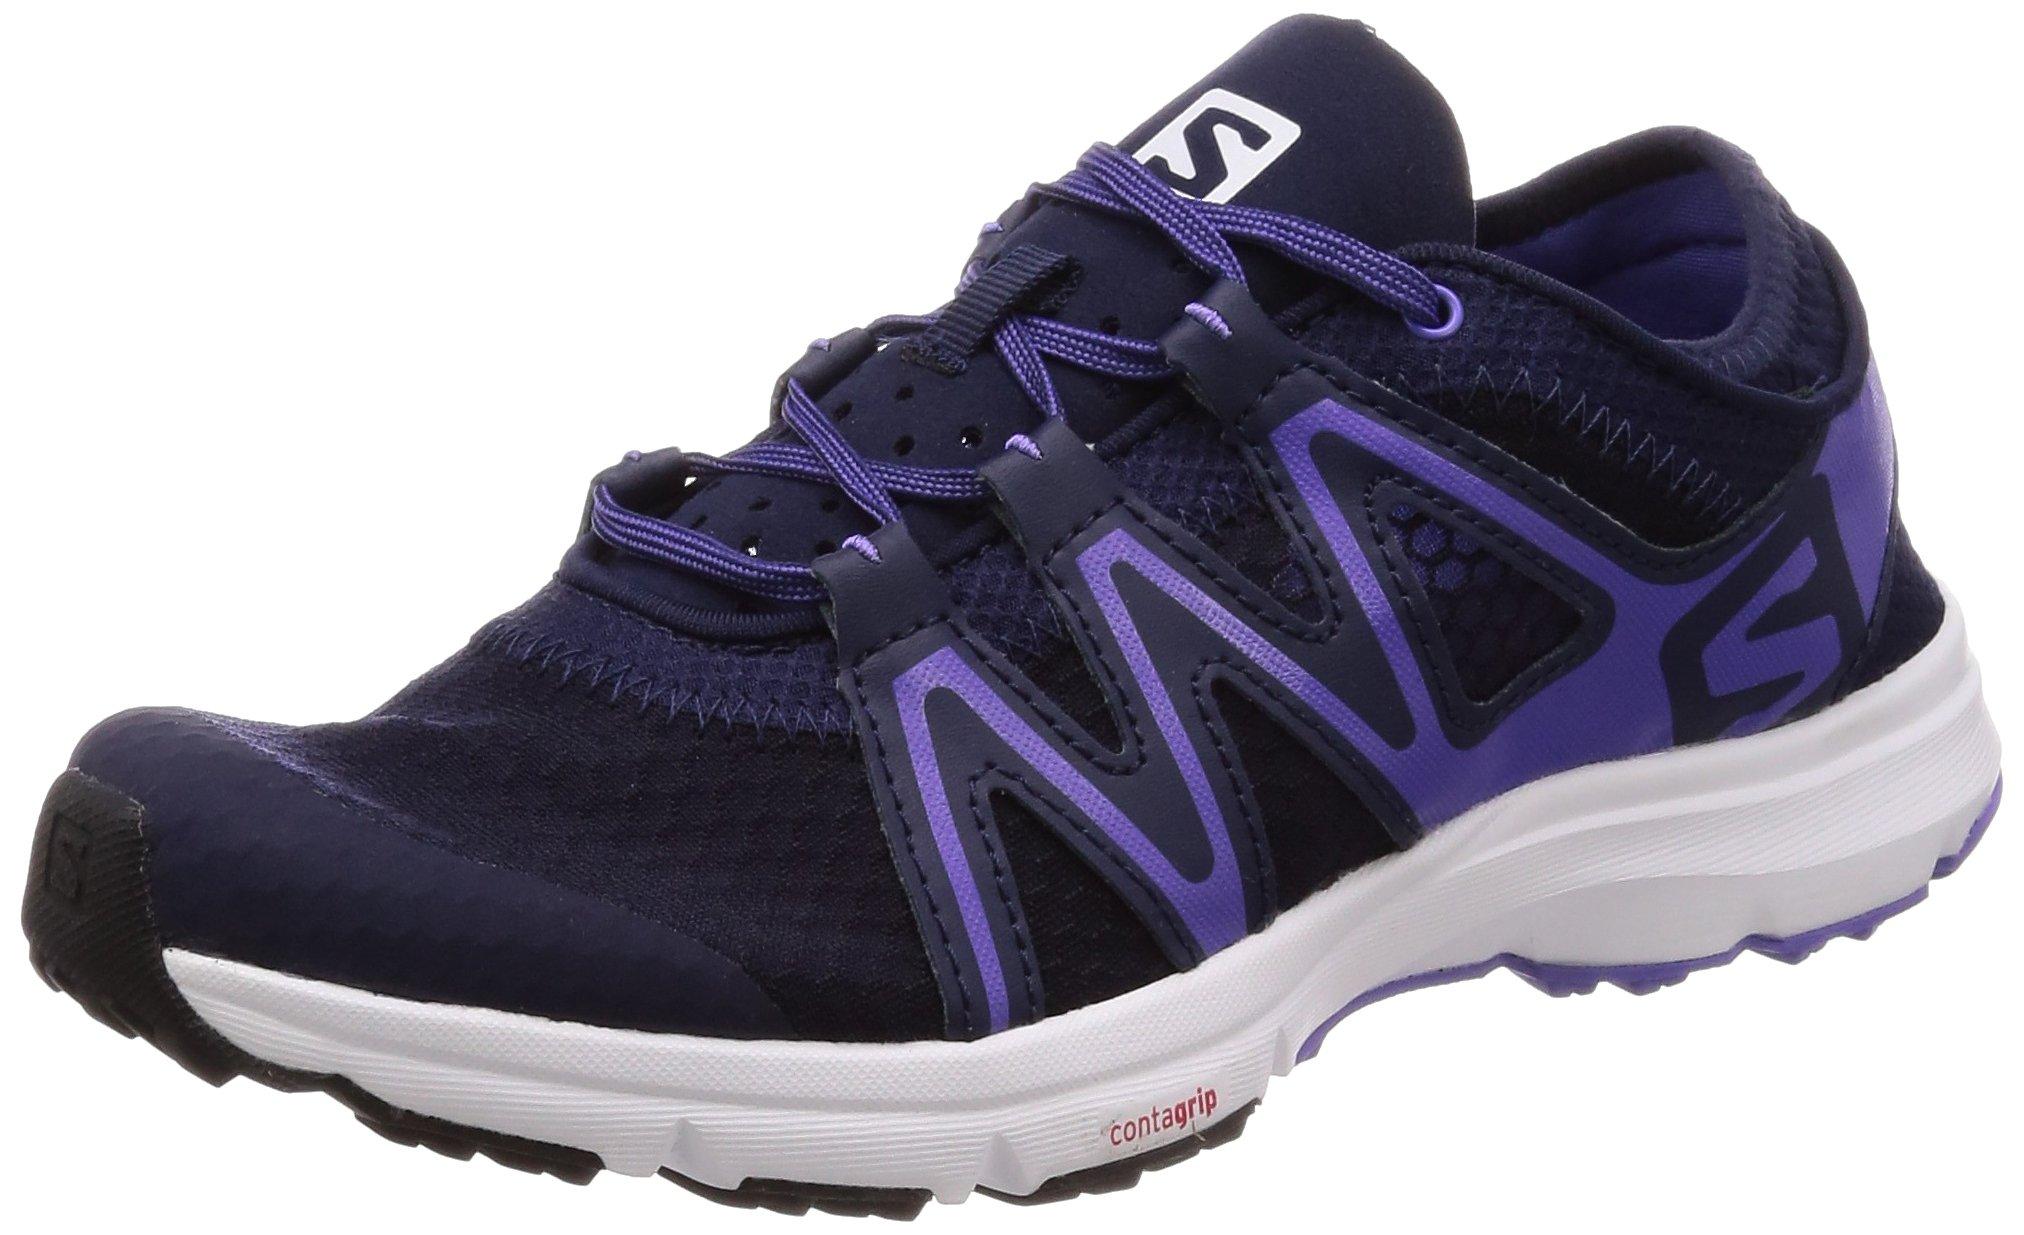 71YoPtSwtTL - SALOMON Women's Crossamphibian Swift W Low Rise Hiking Boots